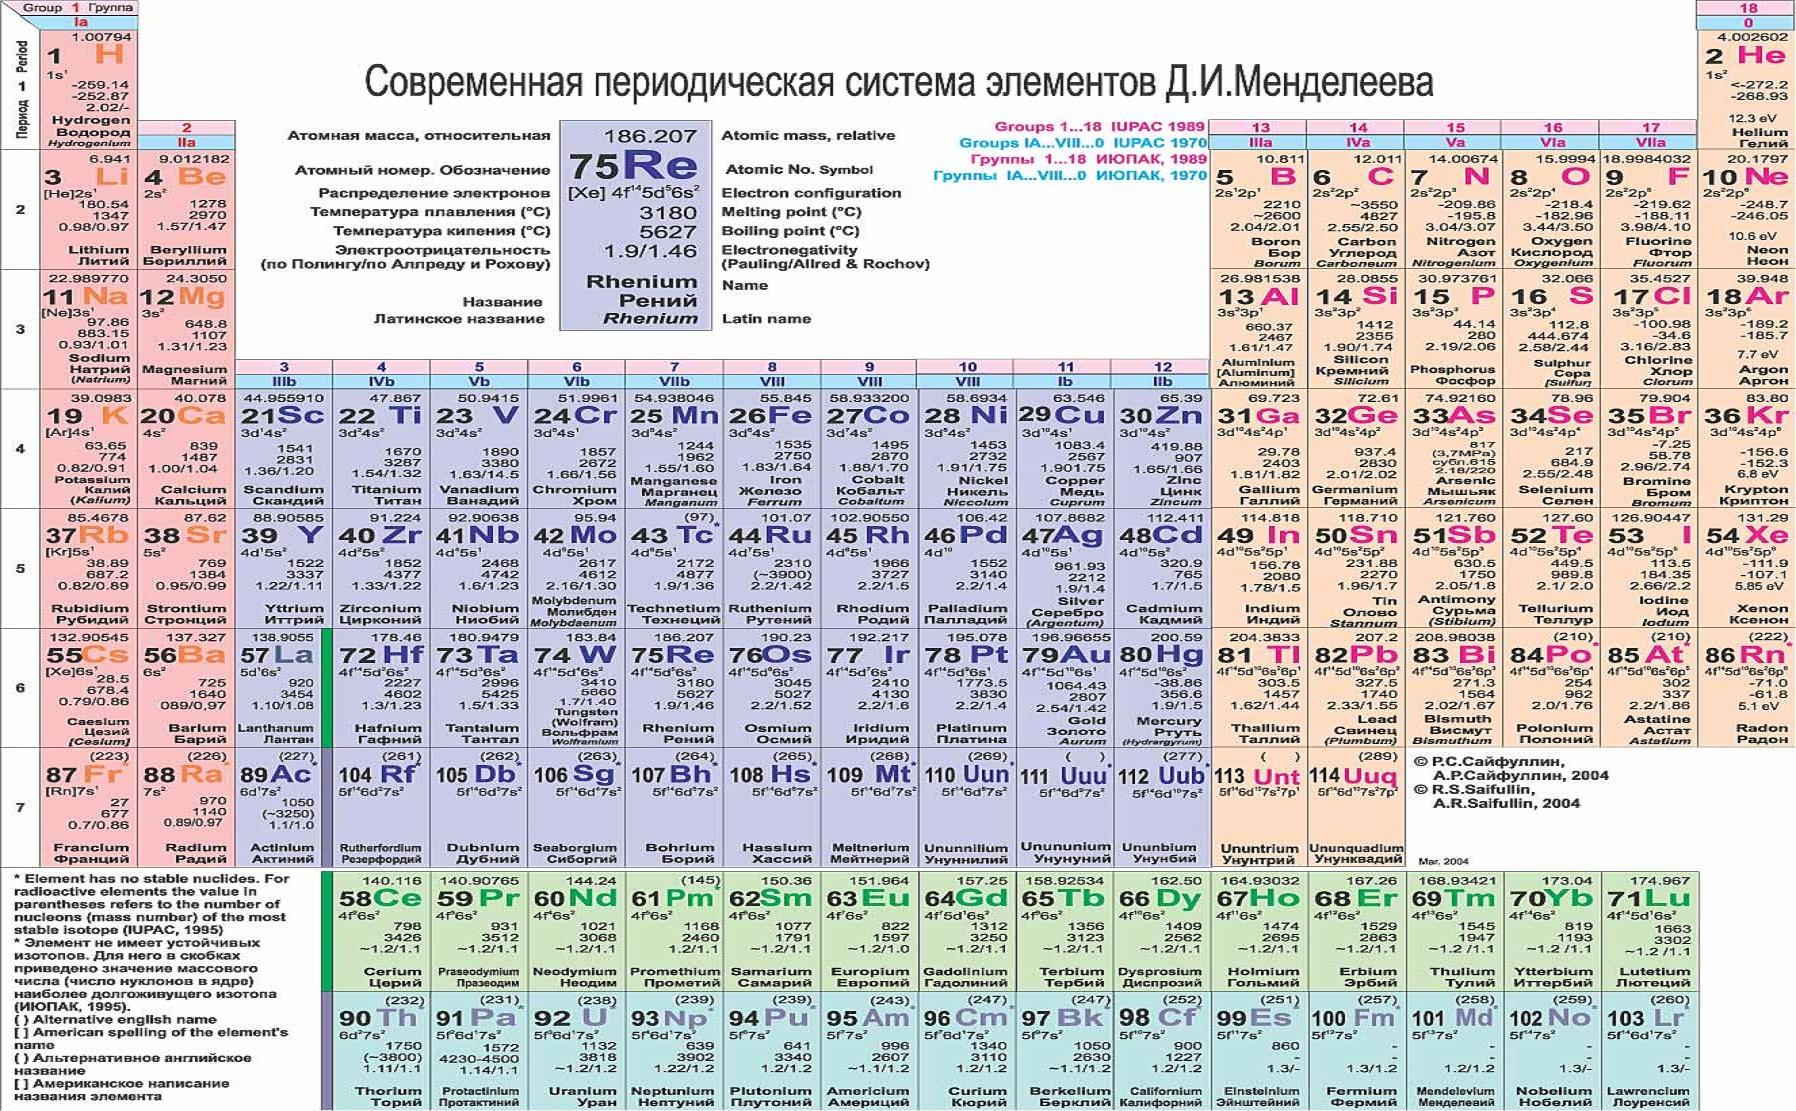 ...металлы - это химические элементы побочной подгруппы III группы периодической системы (таблицы) Менделеева.